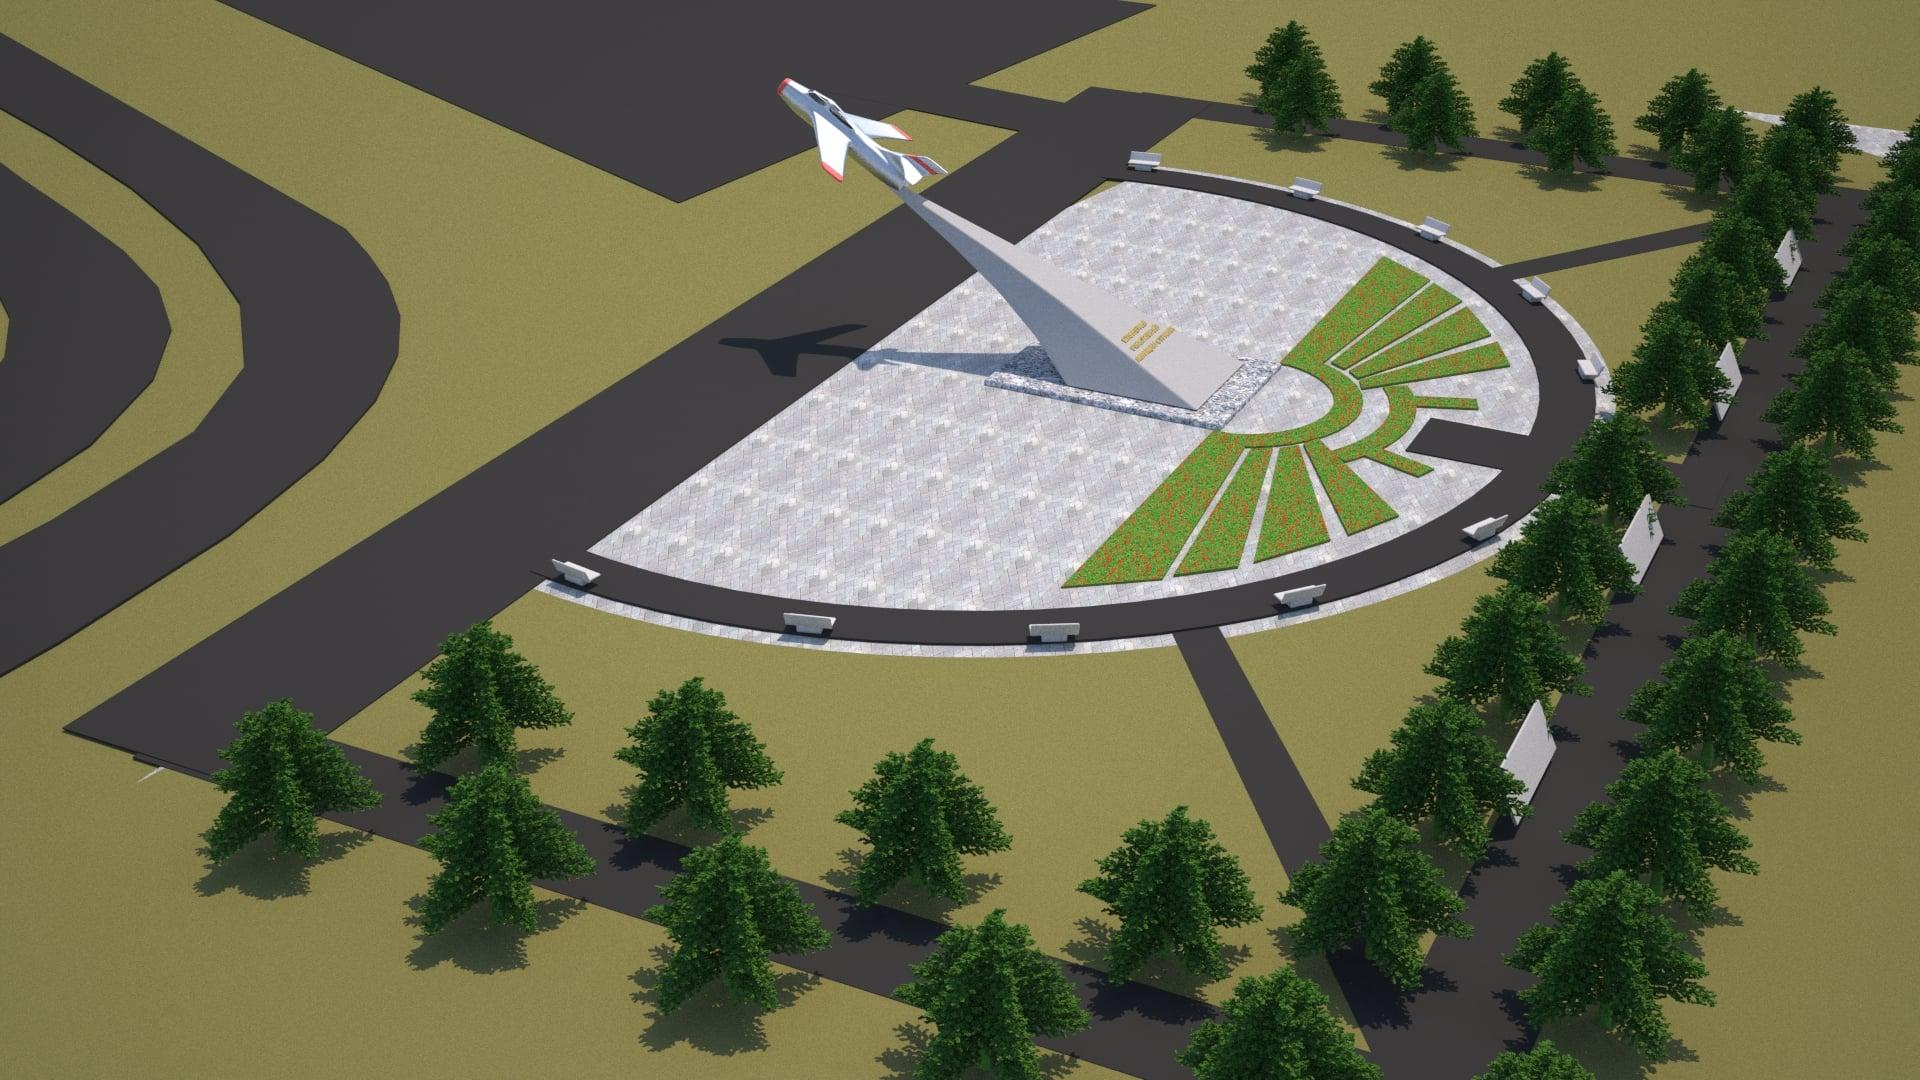 В Ярославле может появиться парк с реактивным самолетом на постаменте и памятным мемориалом